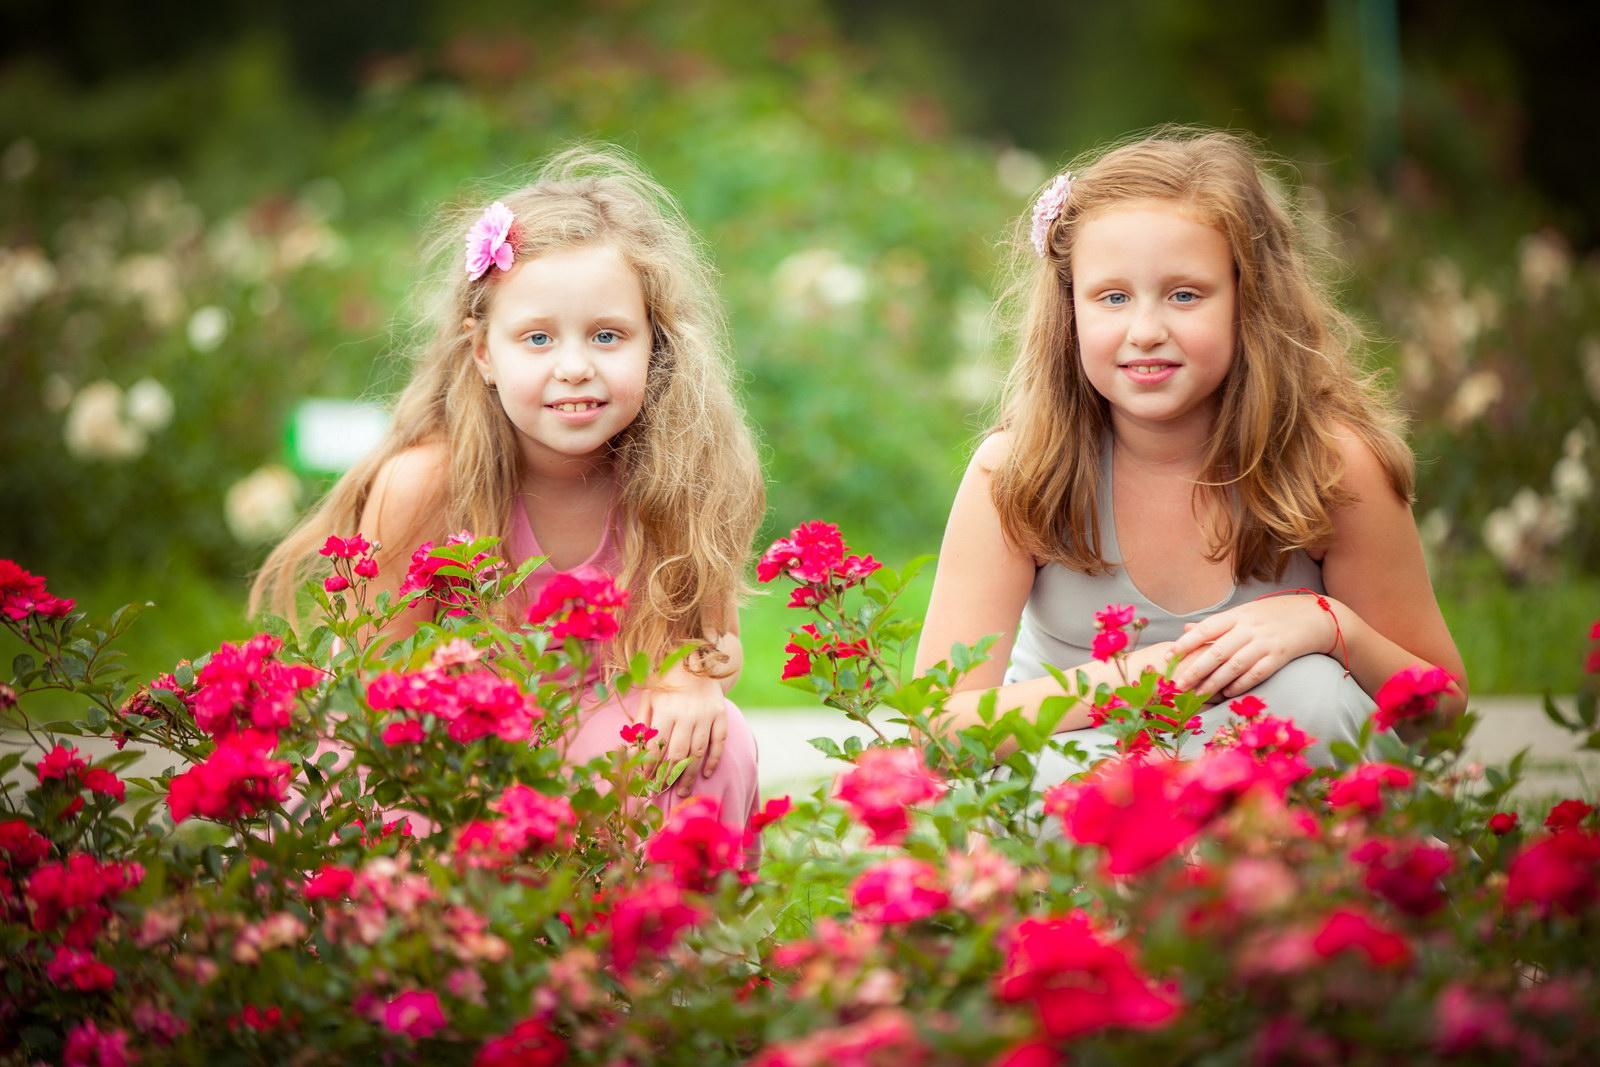 Идея фото с ребенком на природе